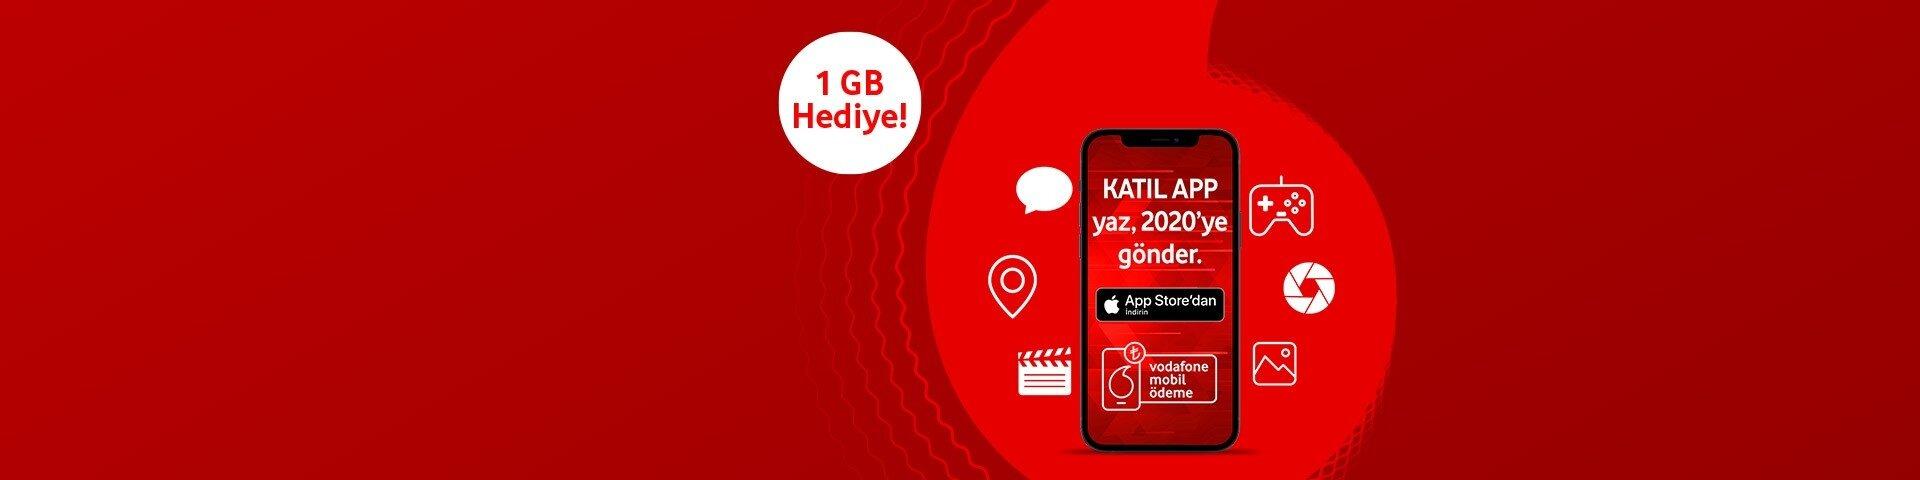 Vodafone Mobil Ödeme'den 1 GB internet hediye!